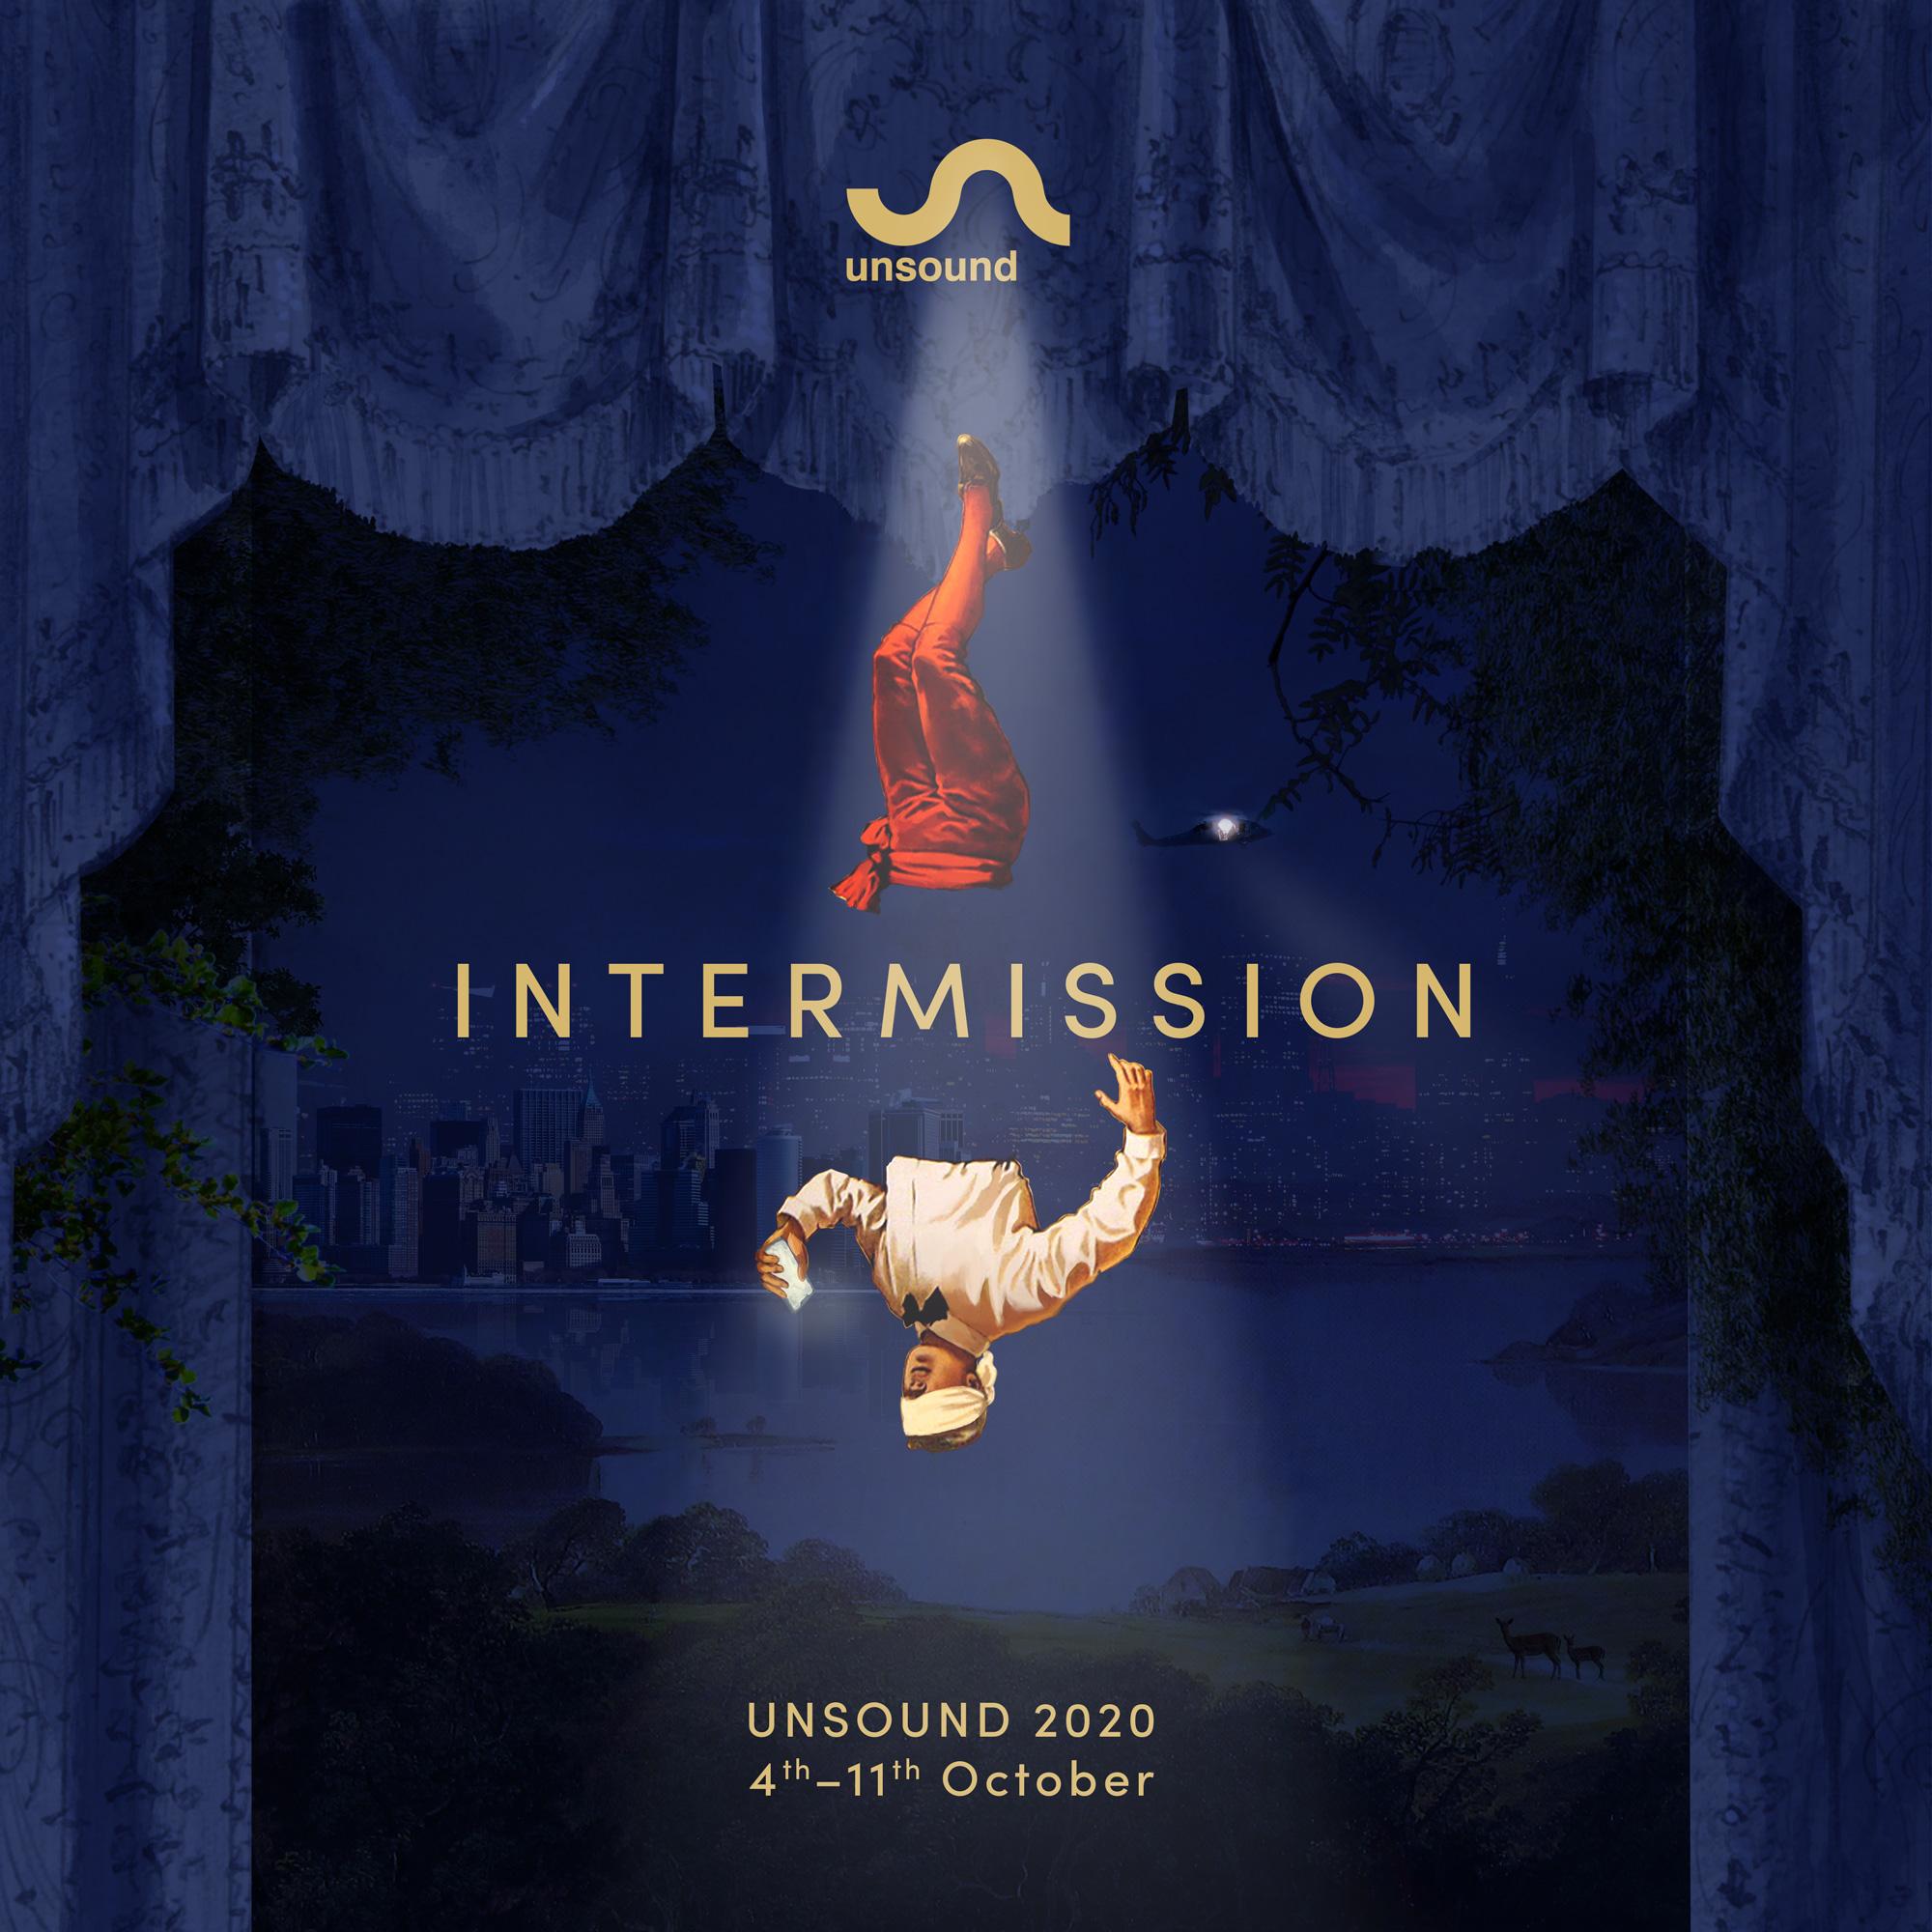 Unsound ogłasza edycję podhasłem Intermission. Odbędzie się wcałości winternecie